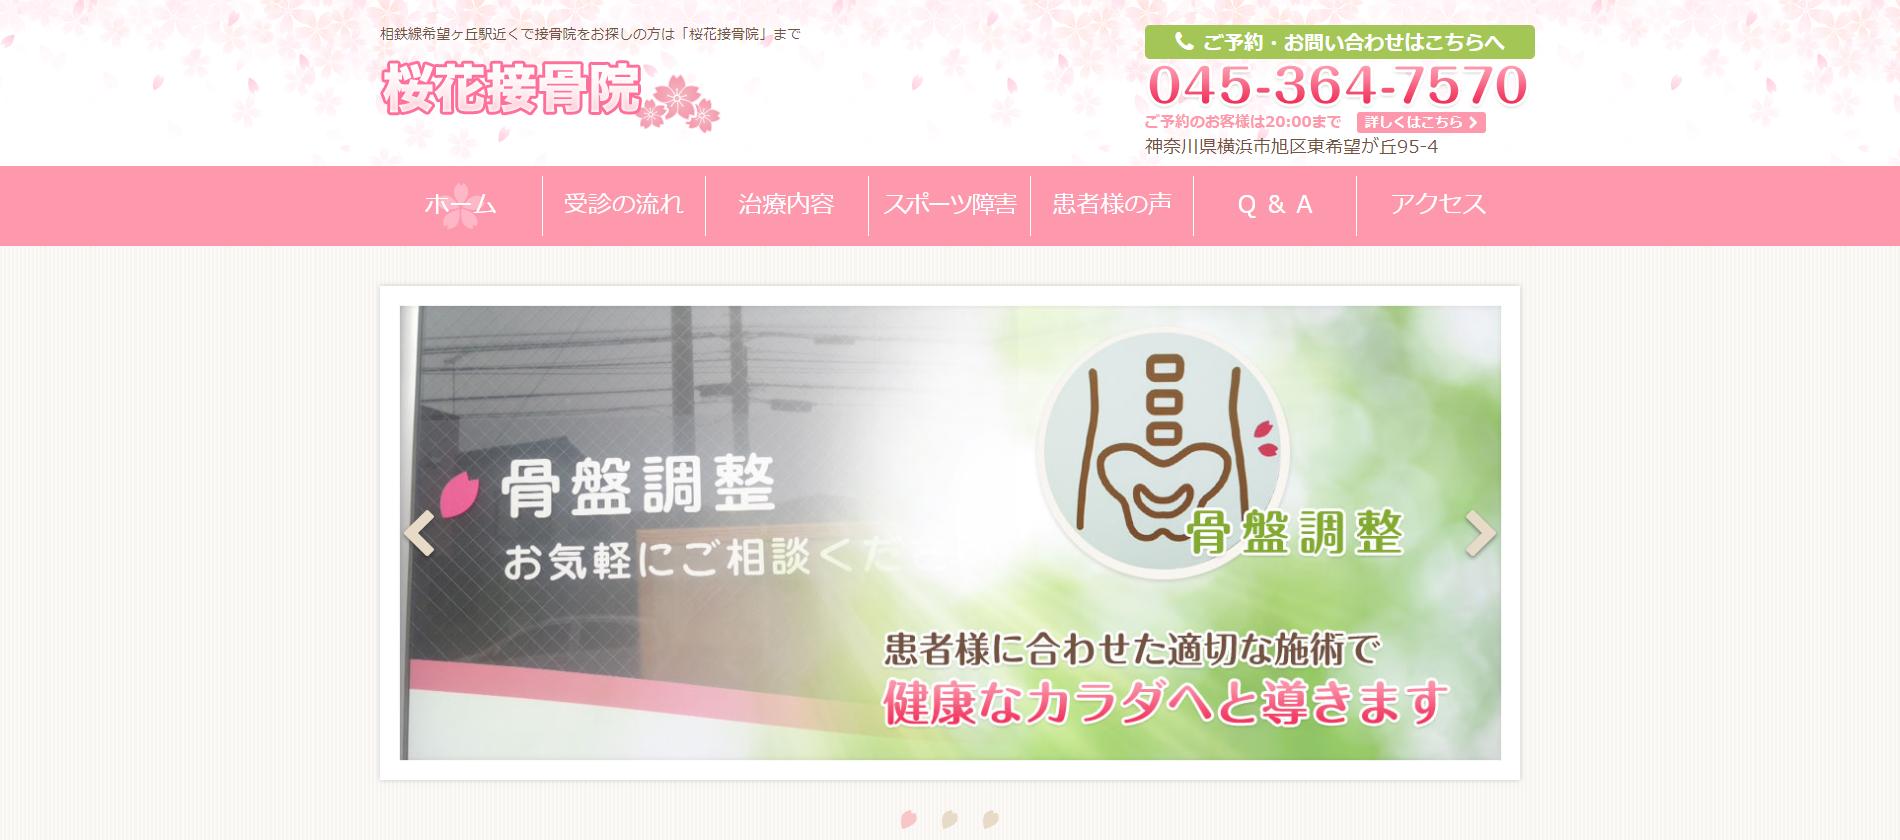 桜花接骨院のサムネイル